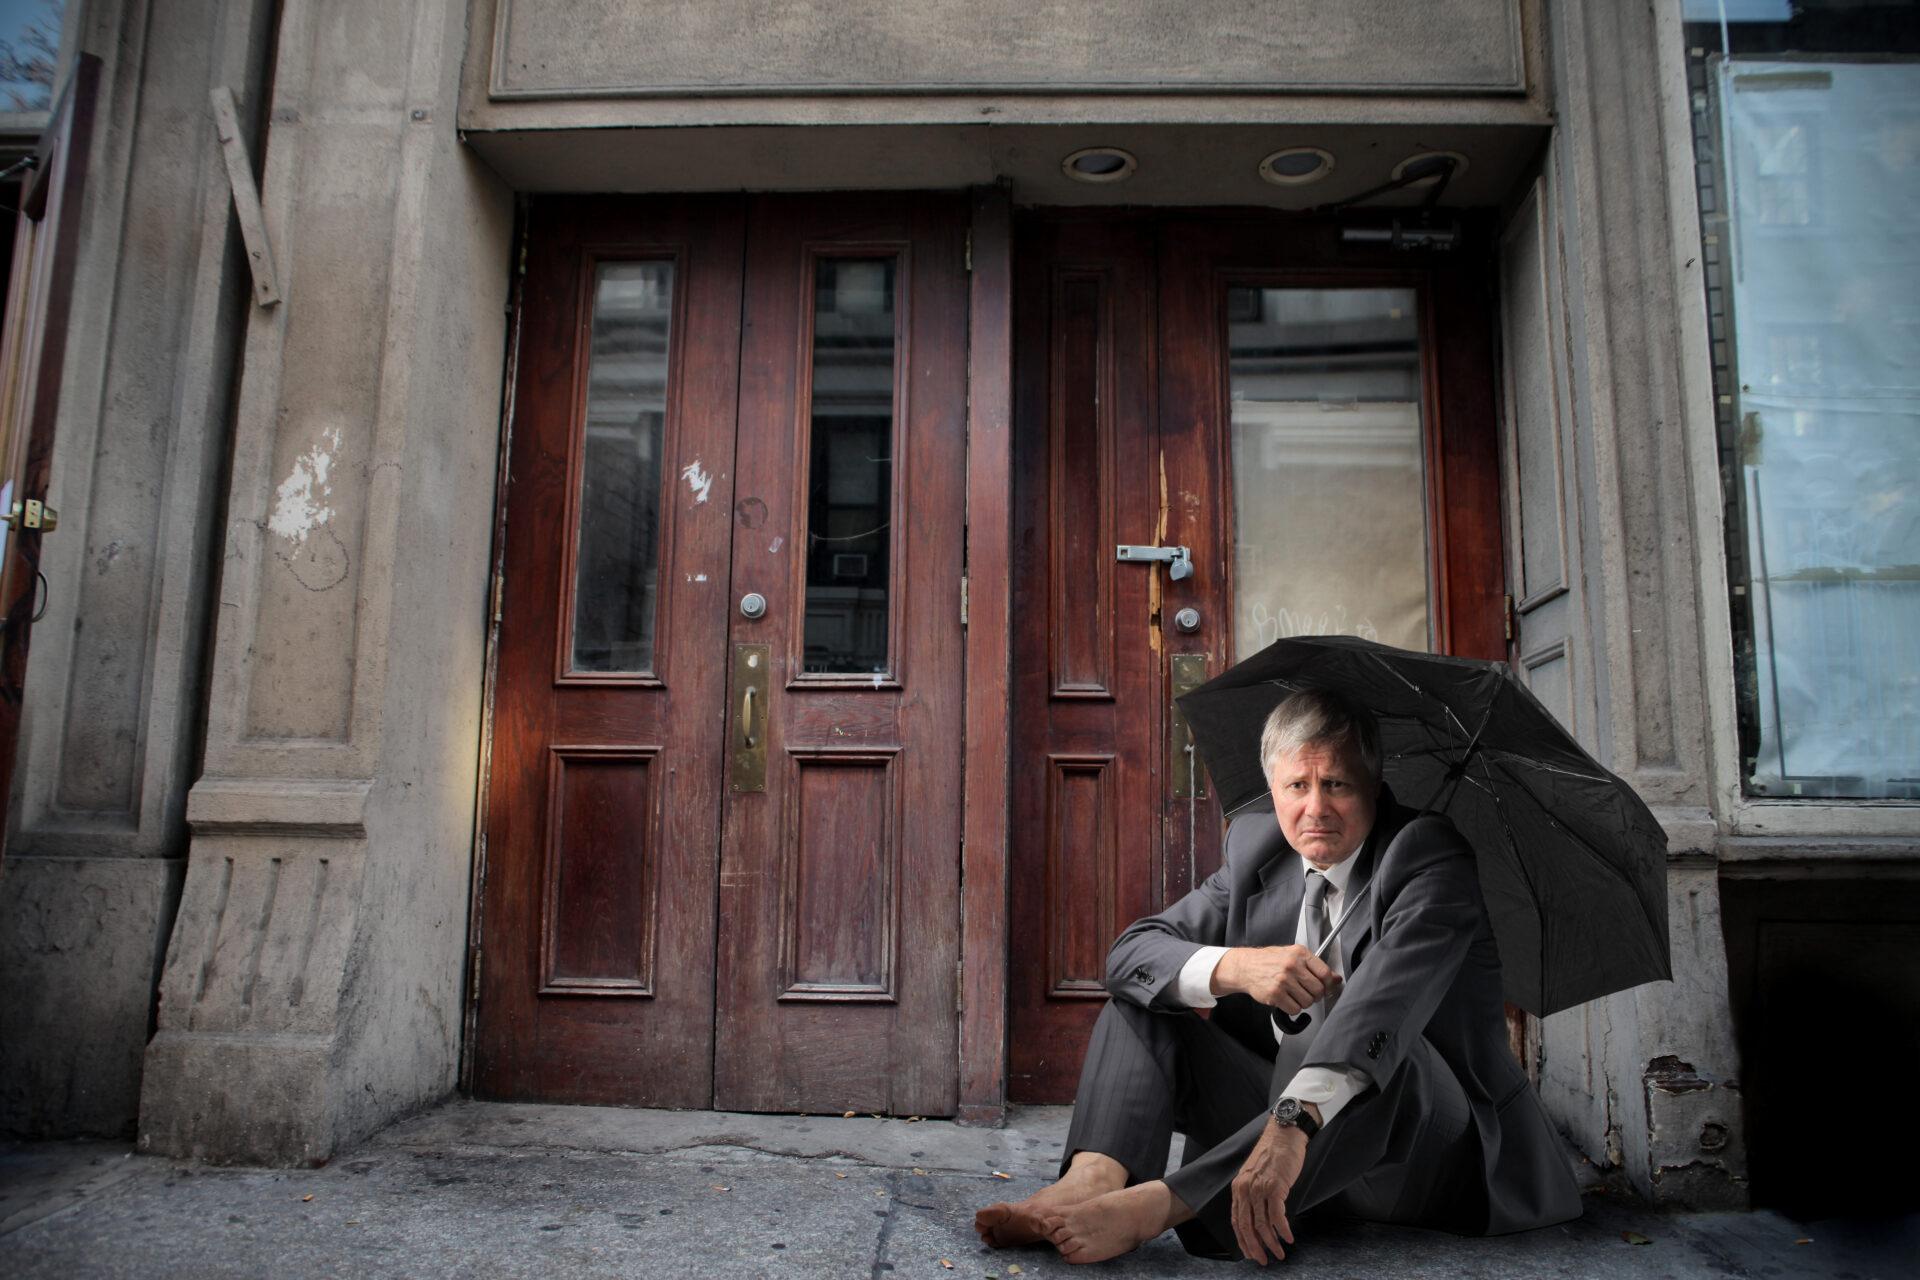 misbrug-terapi-udsat-afhængig-hjemløs-vivi-hinrichs